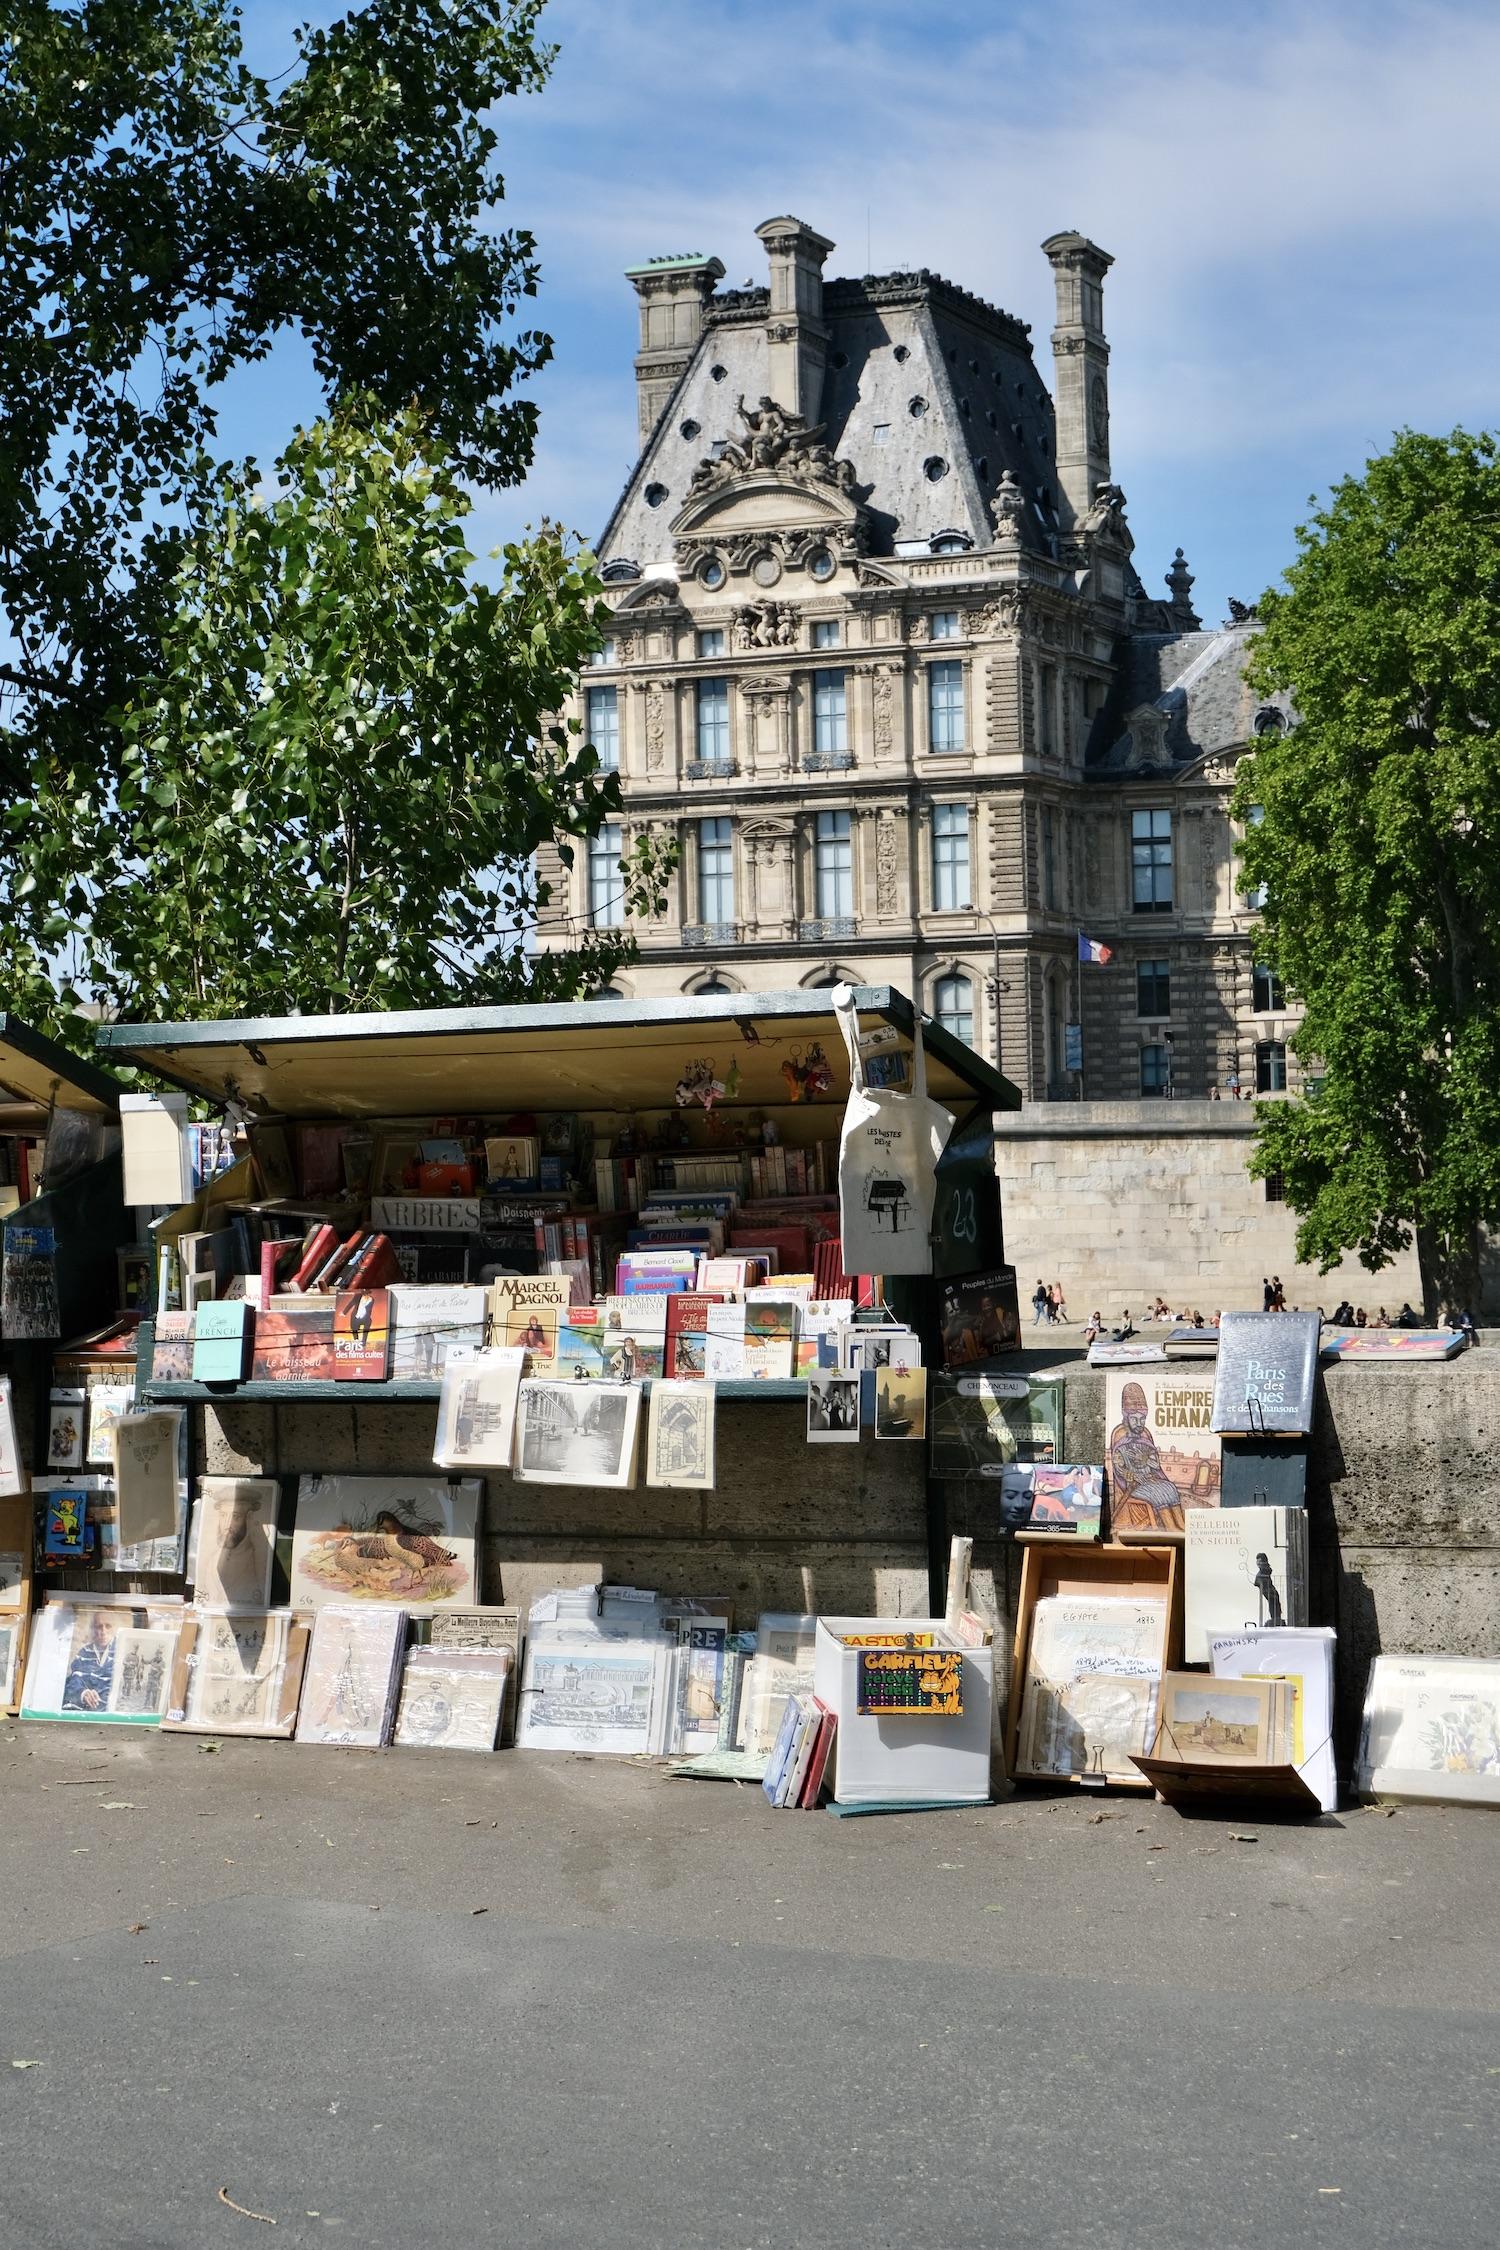 Bouquiniste in Paris